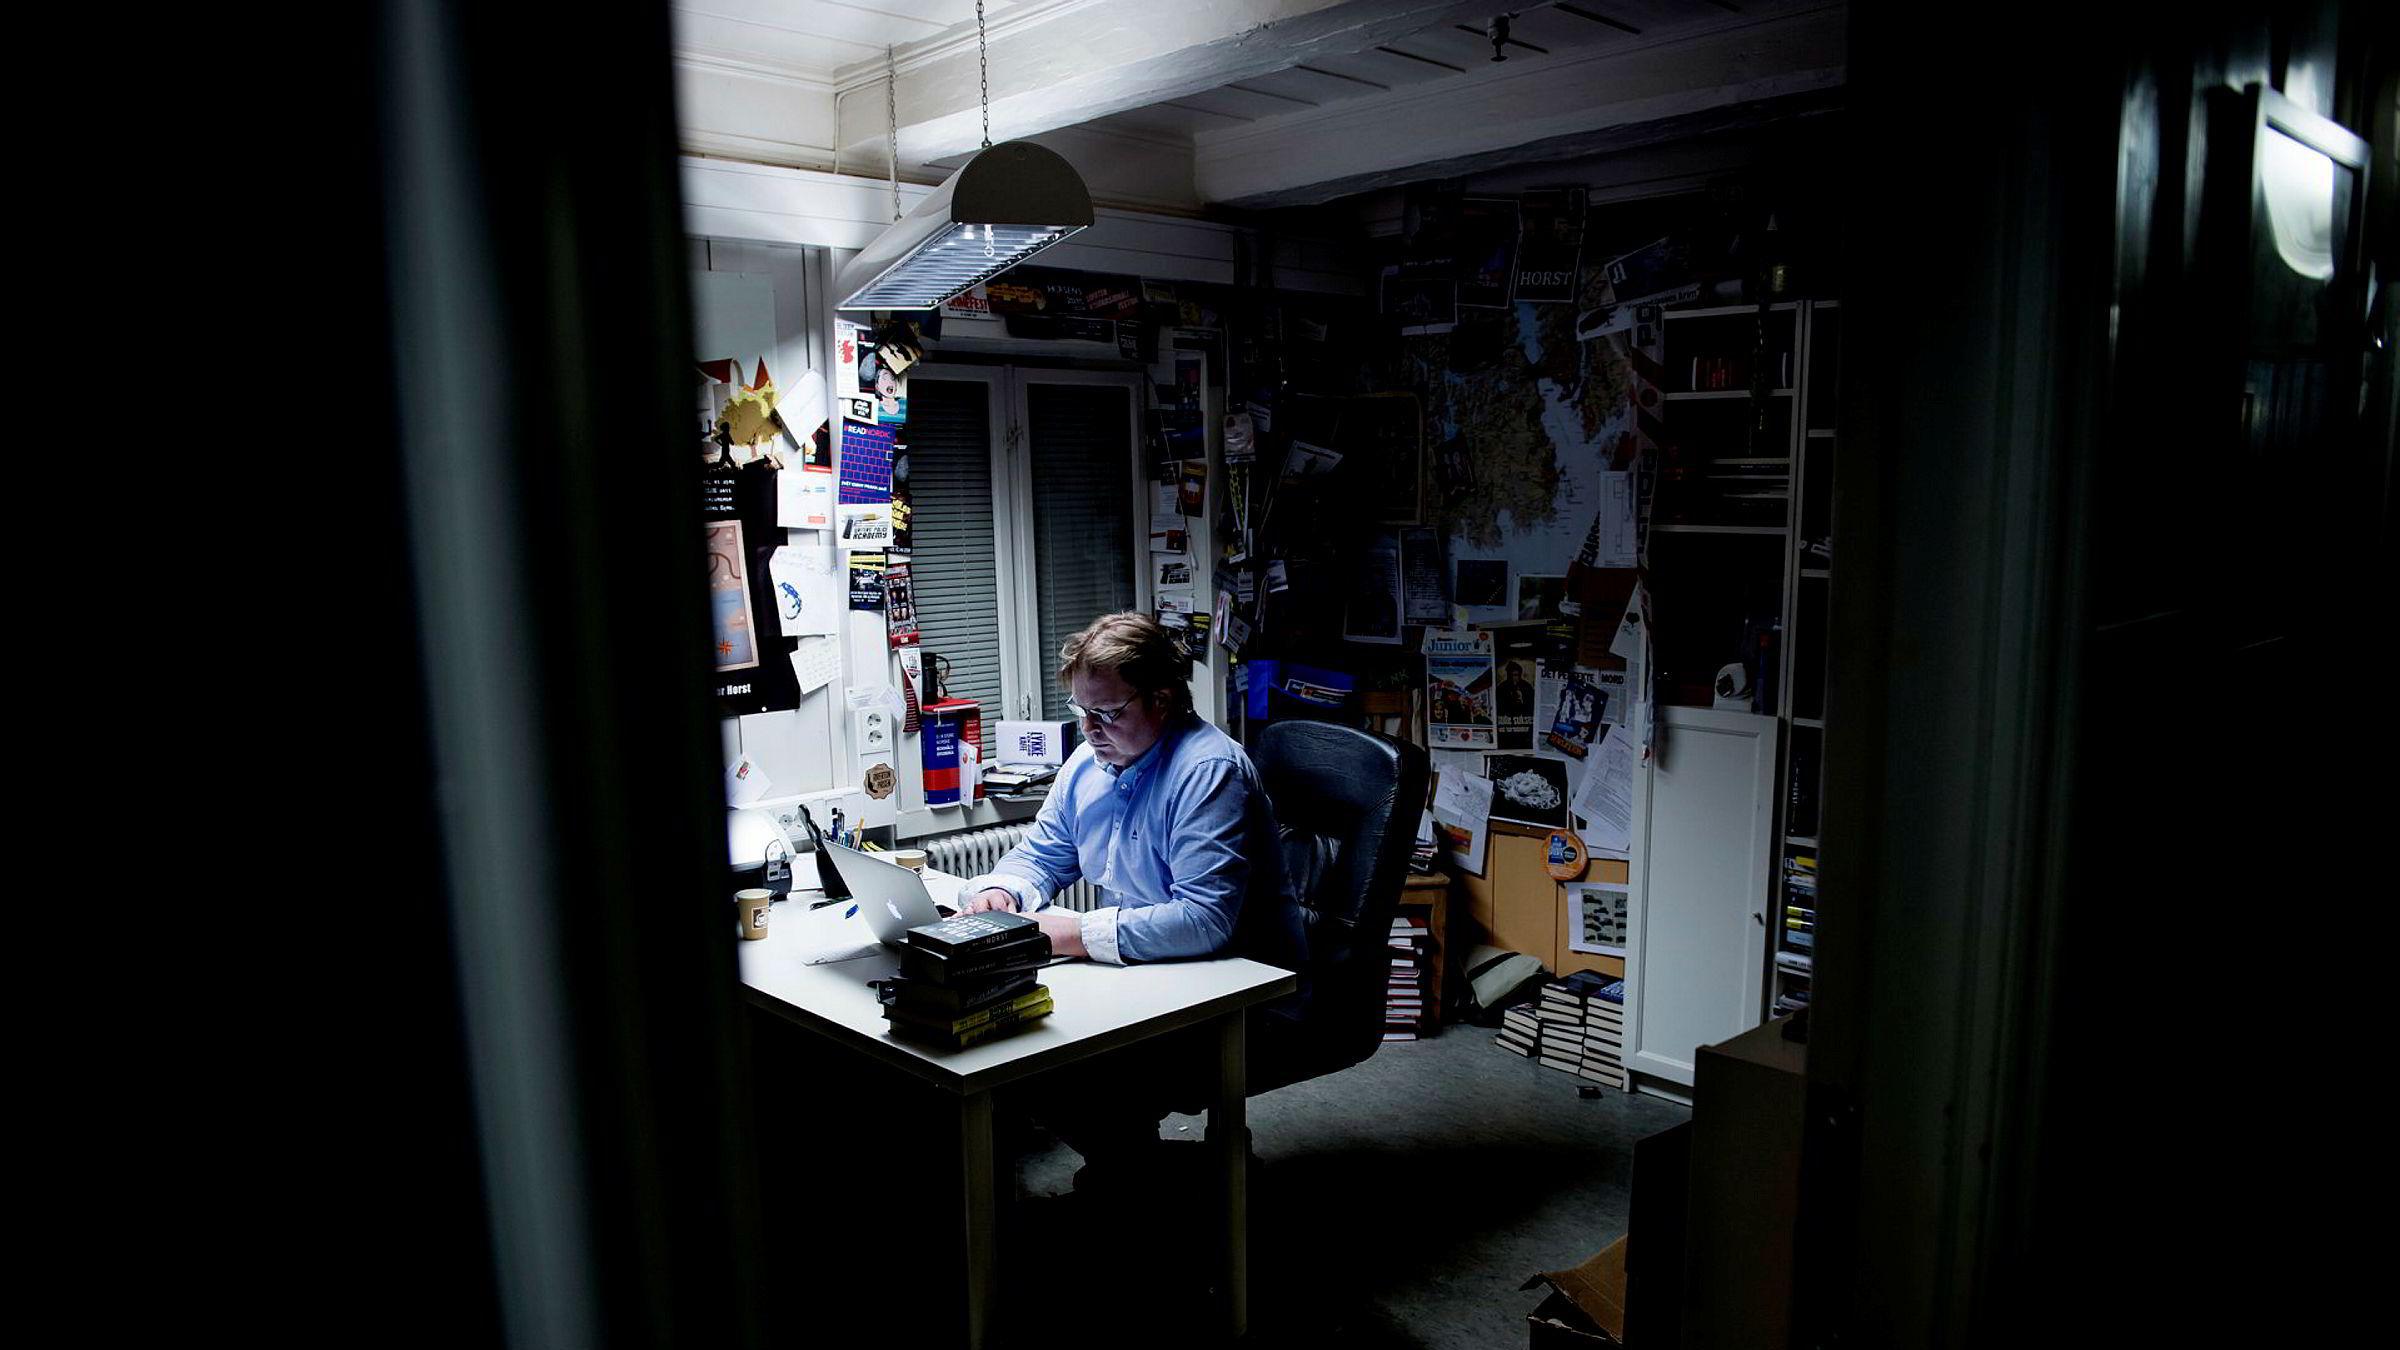 Vi har sett det i andre kulturfelt som musikk-, film- og spillbransjen. Nå skjer det også i bokbransjen, at forfattere ser at de ikke lenger trenger å ha et stort selskap i ryggen for å publisere godt innhold, skriver artikkelforfatteren. Her forfatter Jørn Lier Horst på kontoret sitt på Fredriksvern Verft i Stavern. Han har nylig startet sitt eget forlag med Petter Stordalen som investor.